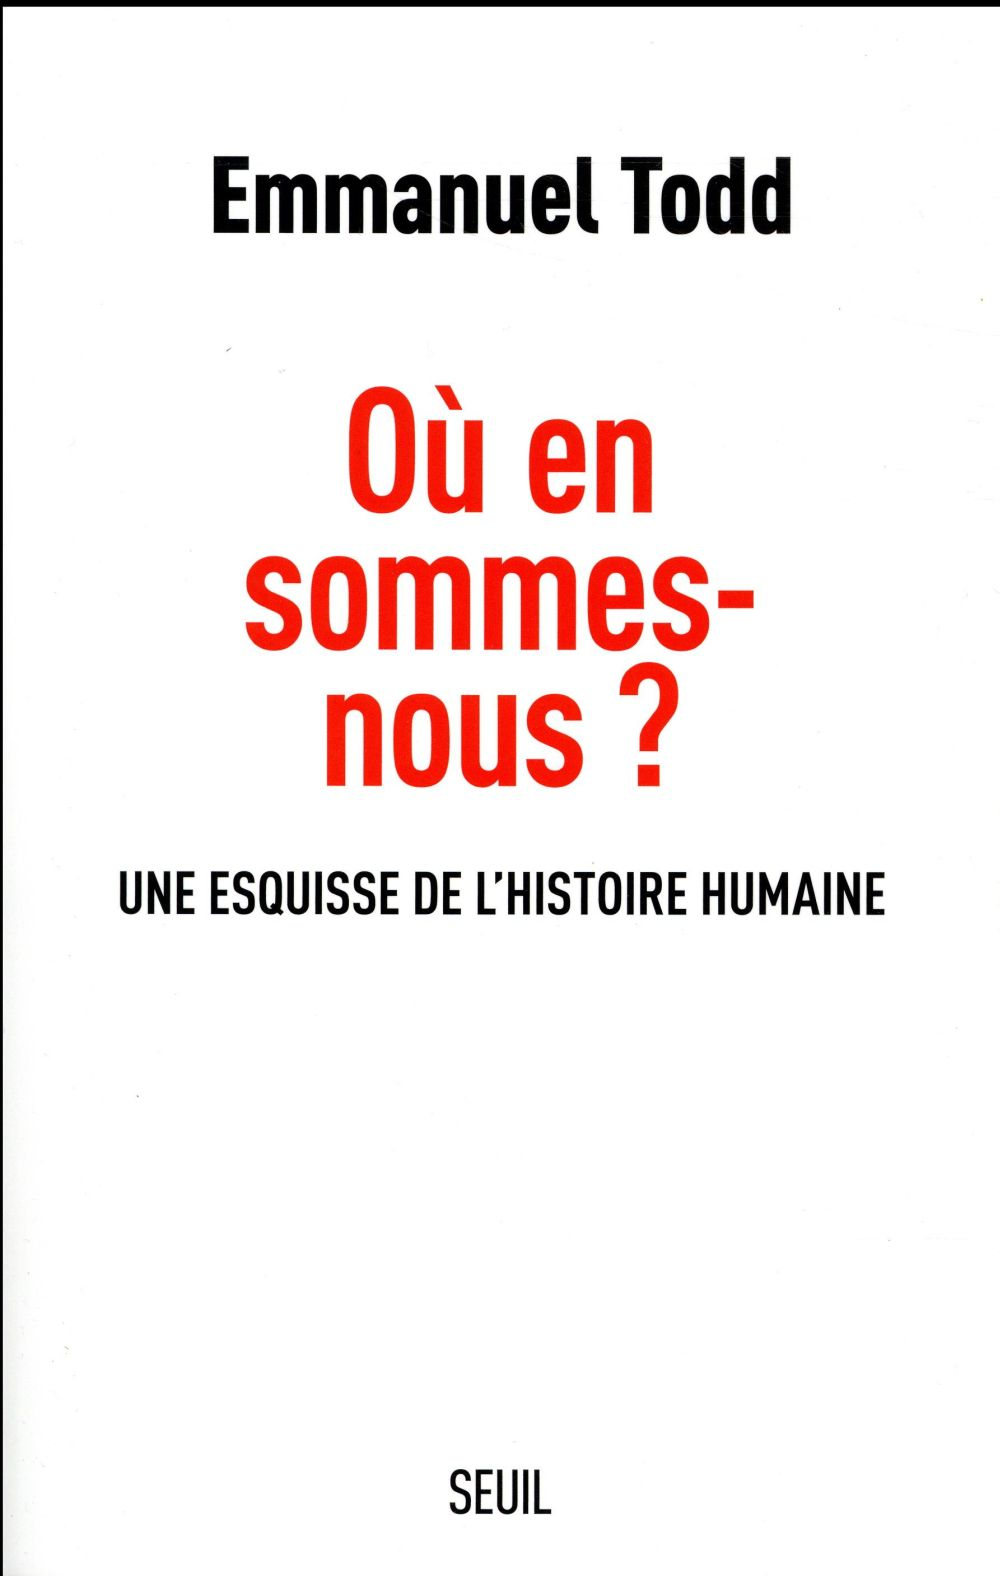 OU EN SOMMES-NOUS ? - UNE ESQUISSE DE L'HISTOIRE HUMAINE